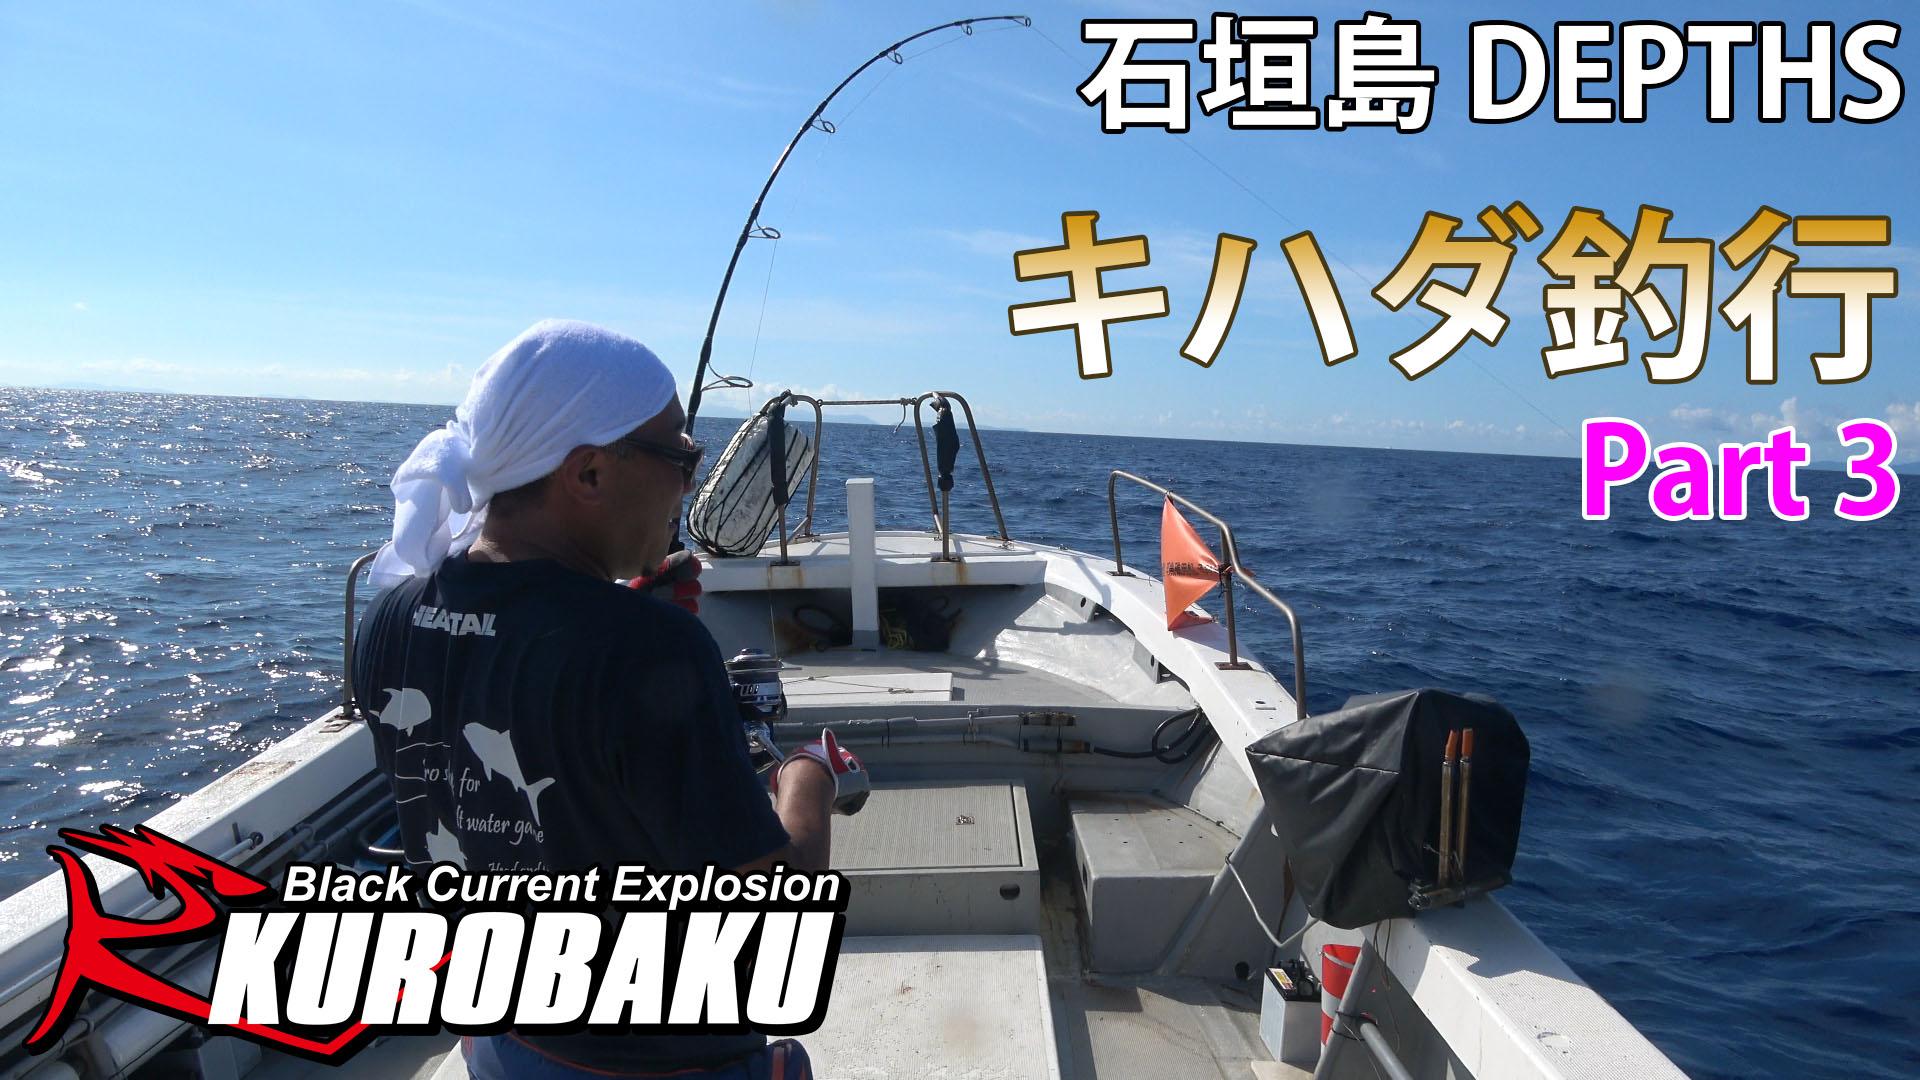 石垣島 DEPTHS キハダ釣行Part3のサムネイル画像